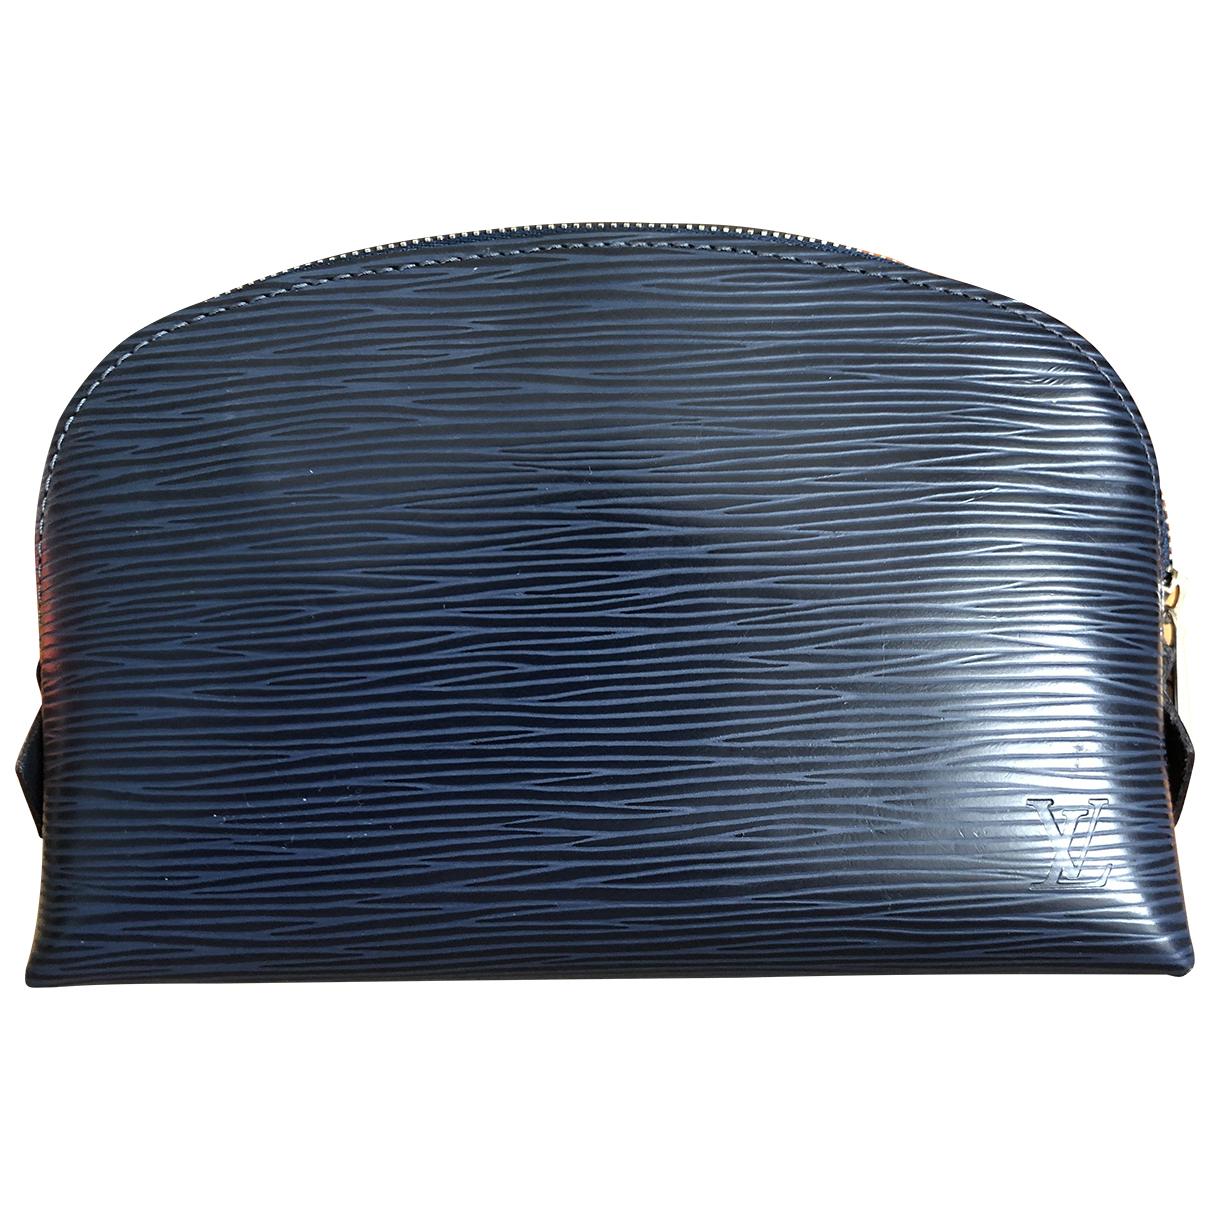 Louis Vuitton \N Clutch in  Blau Leder